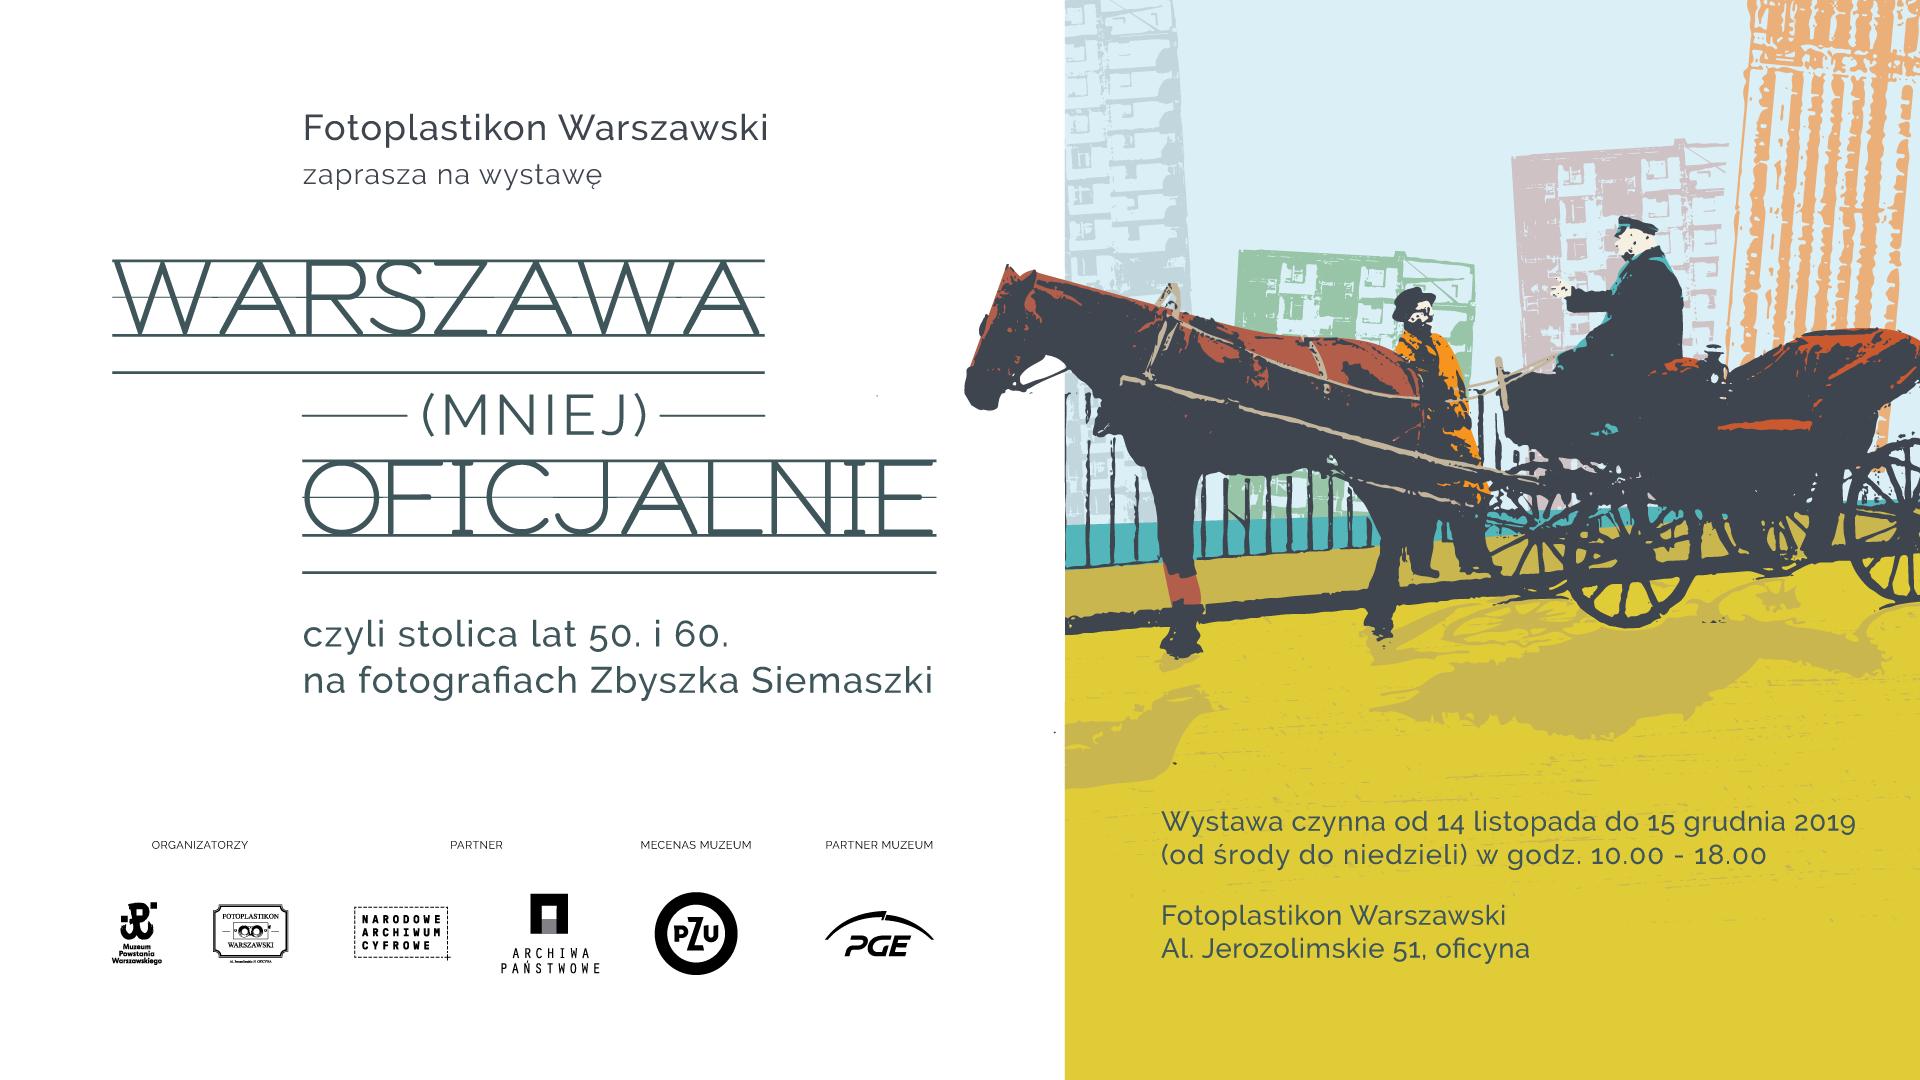 Fotoplastikon-Warszawa-Siemaszko--Facebook-1920x1080 (1)